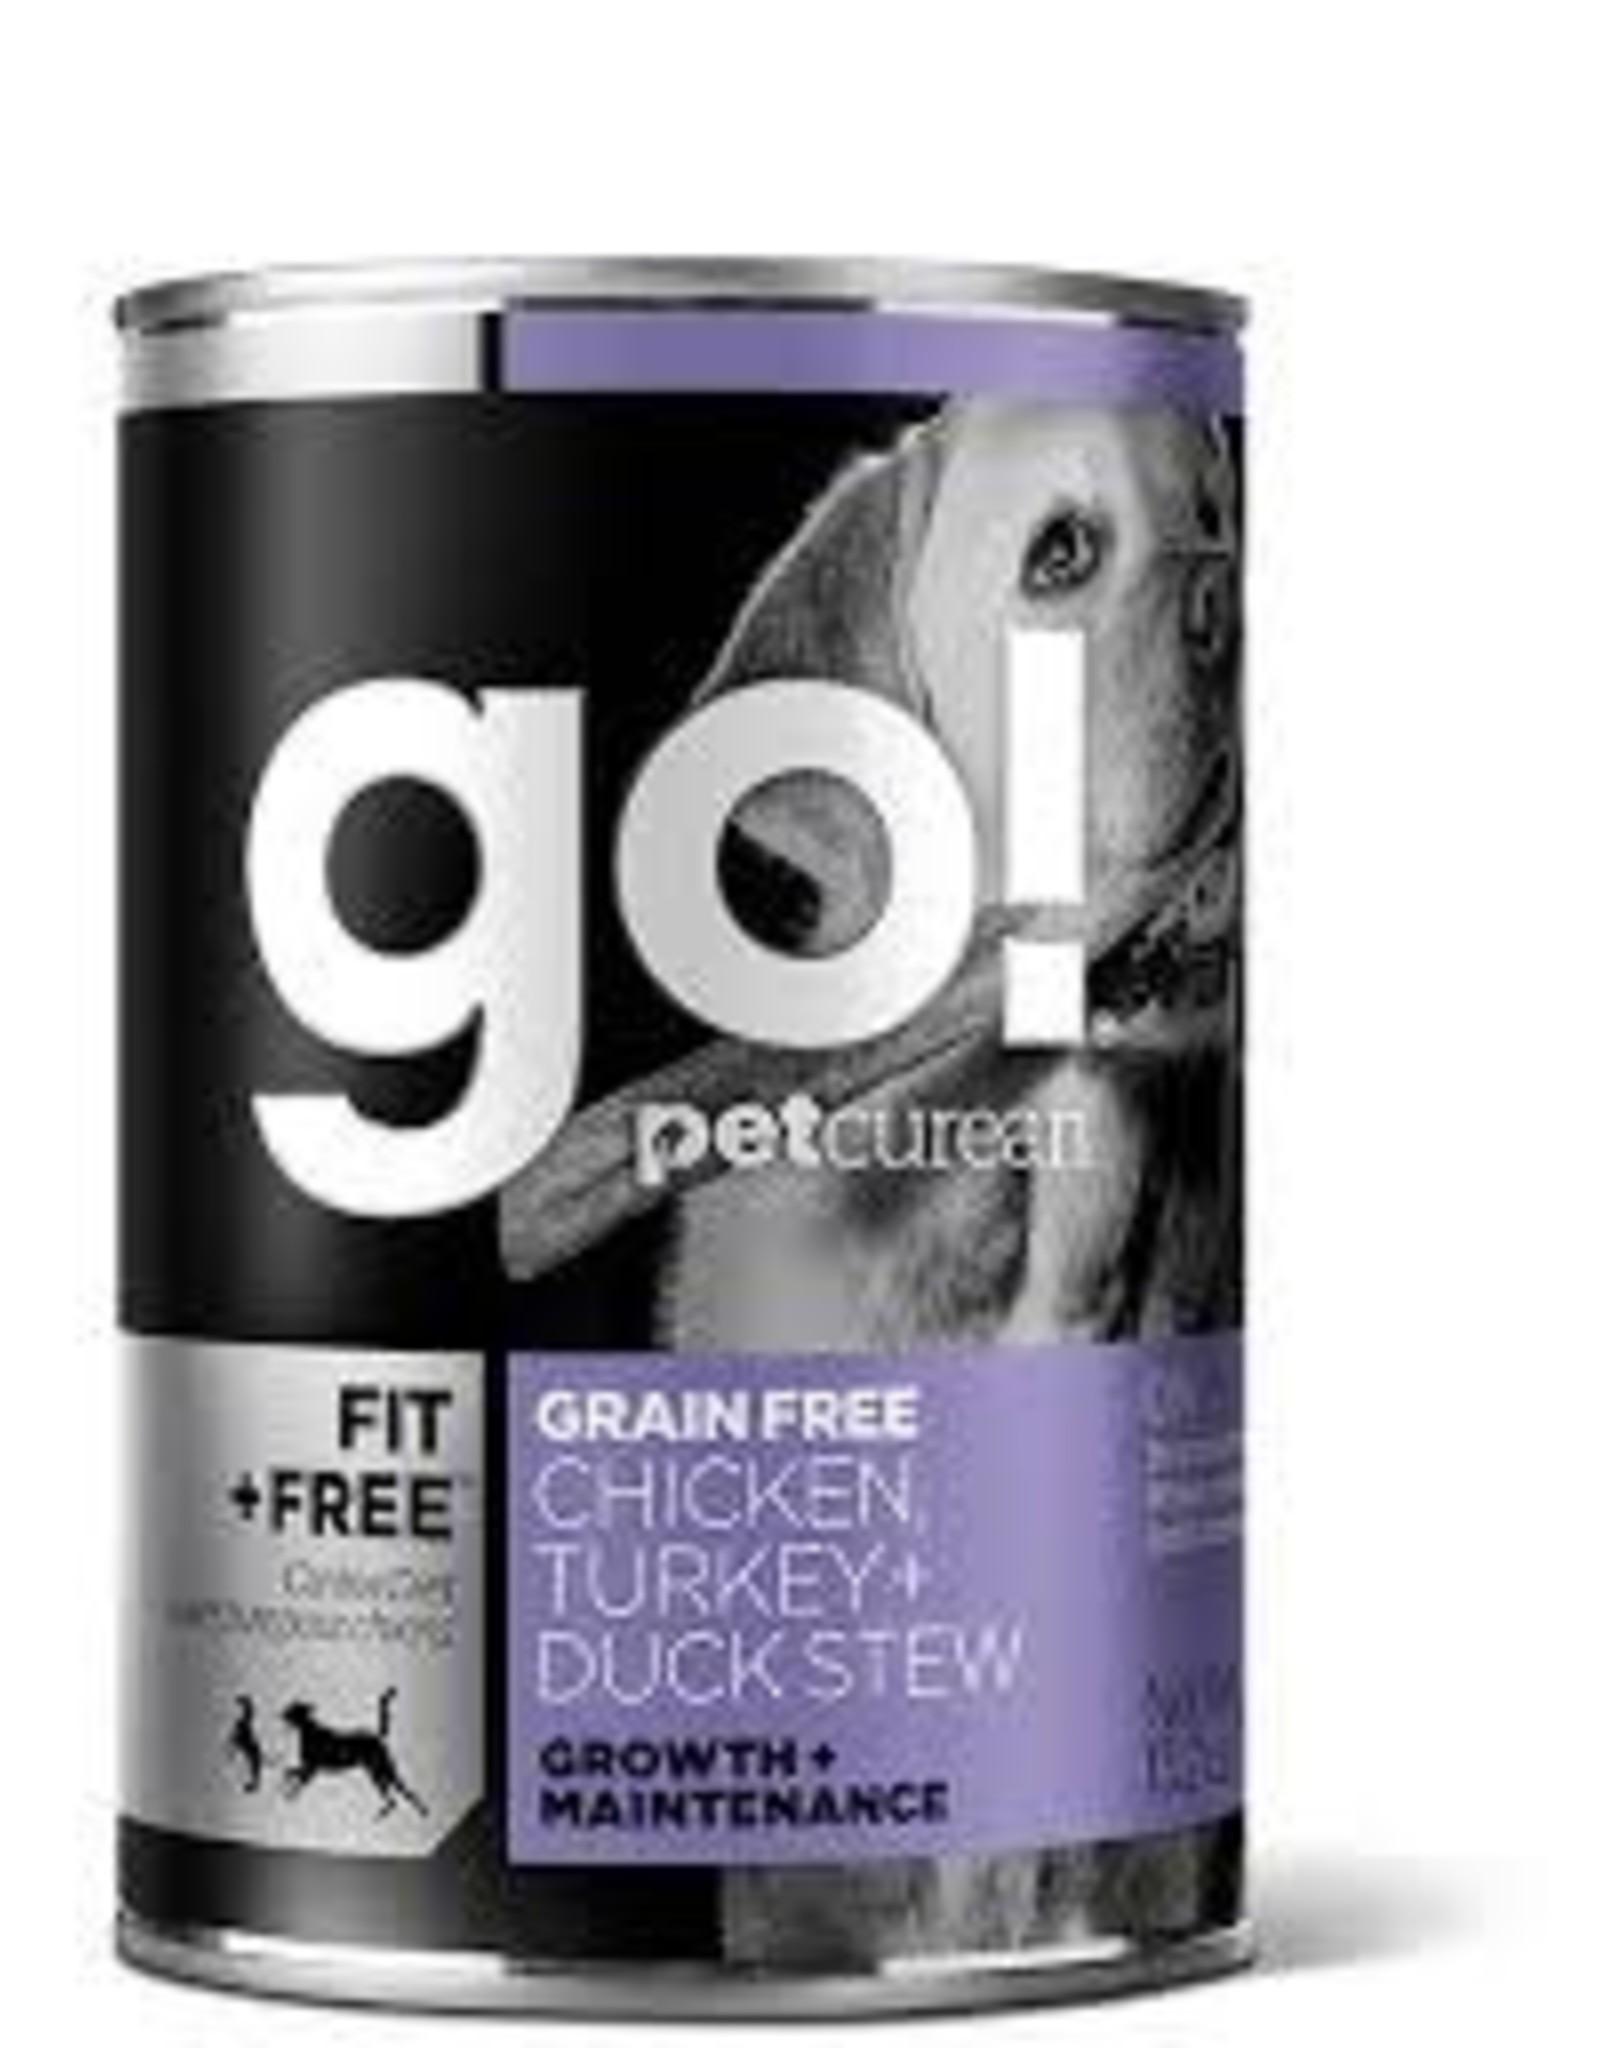 GO! Go! - FIt & Free Chicken & Turkey Duck Stew Dog 13.2oz